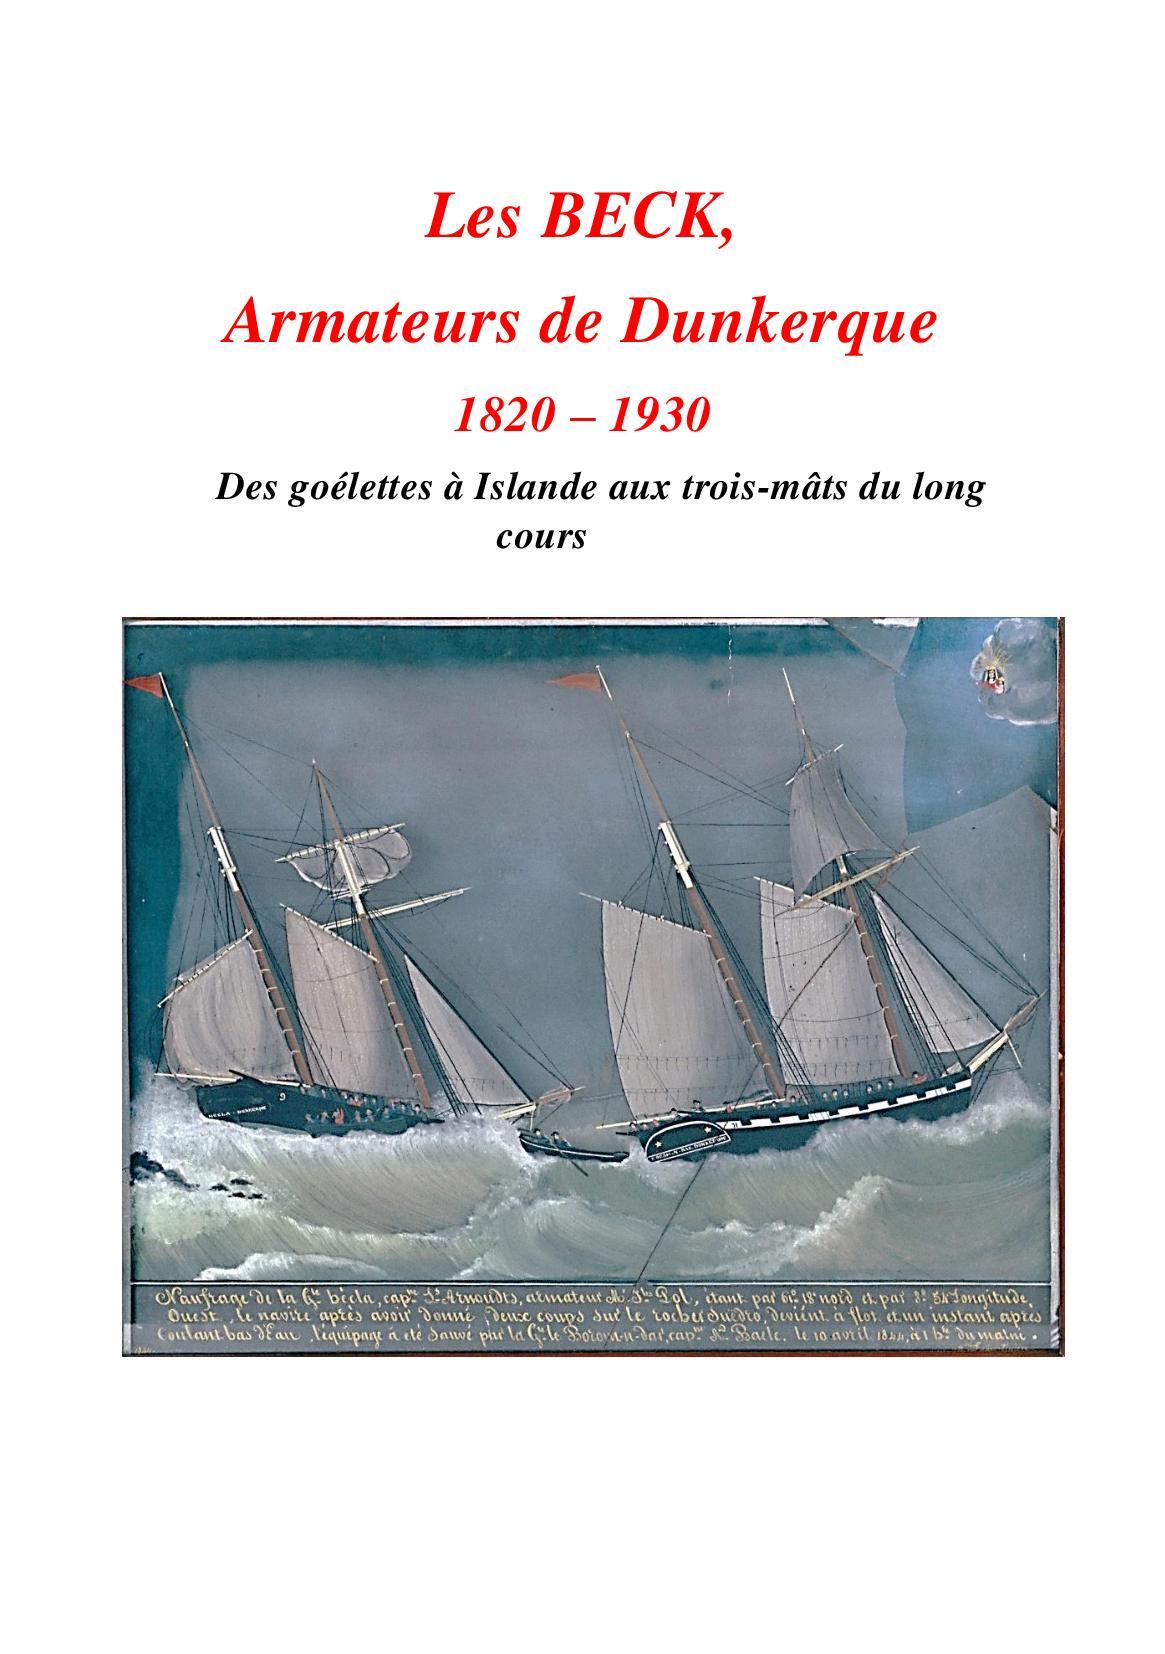 Les Beck, armateurs de Dunkerque